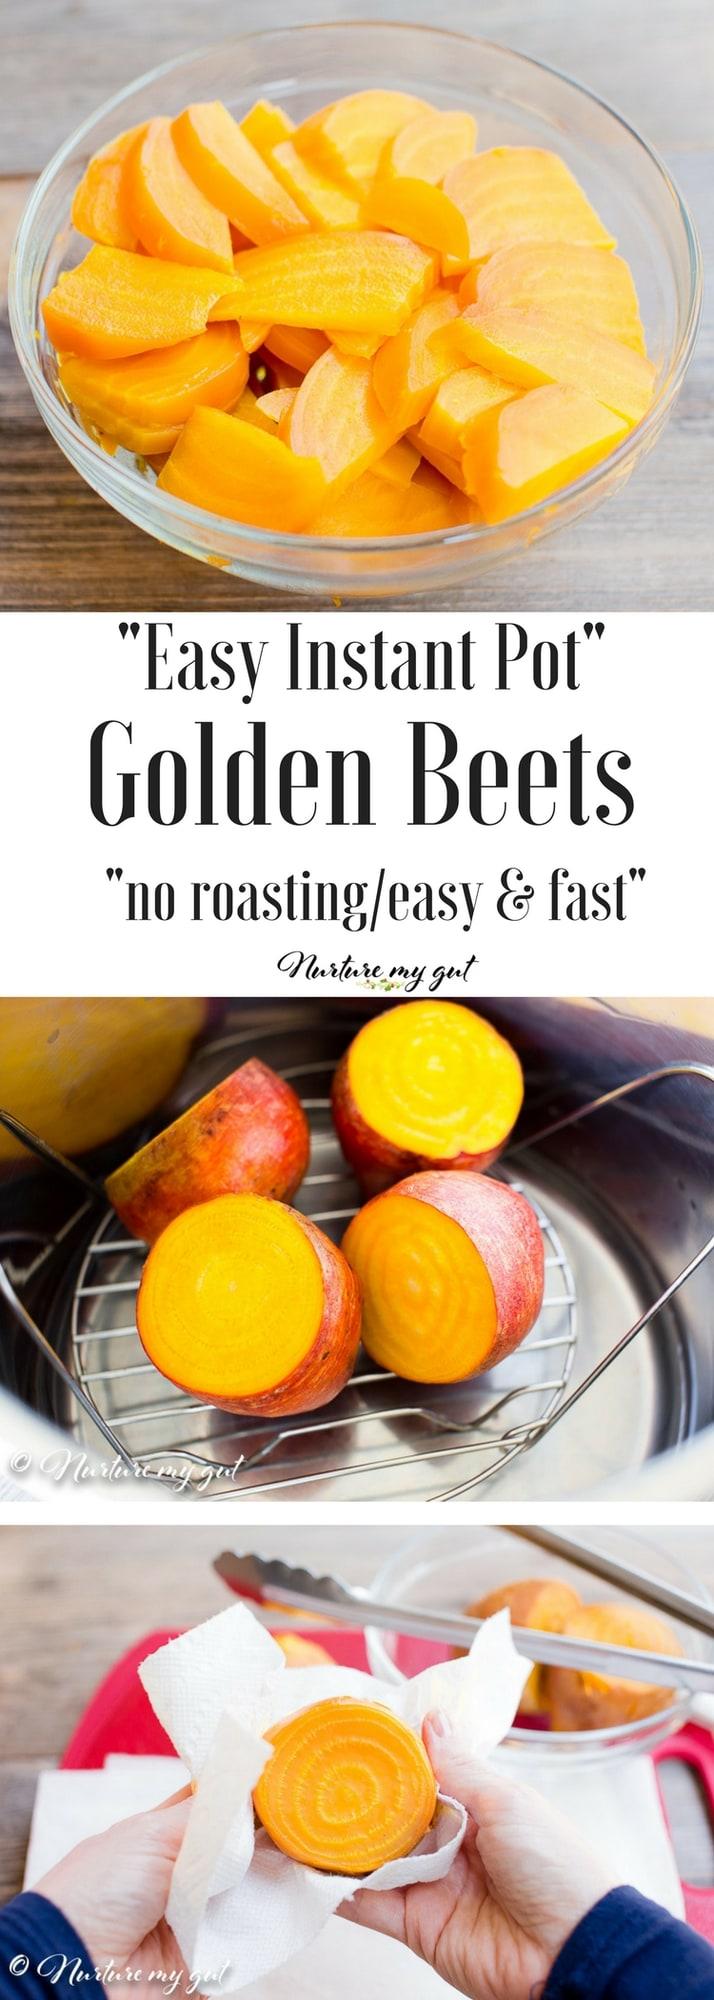 Easy Instant Pot Golden Beets